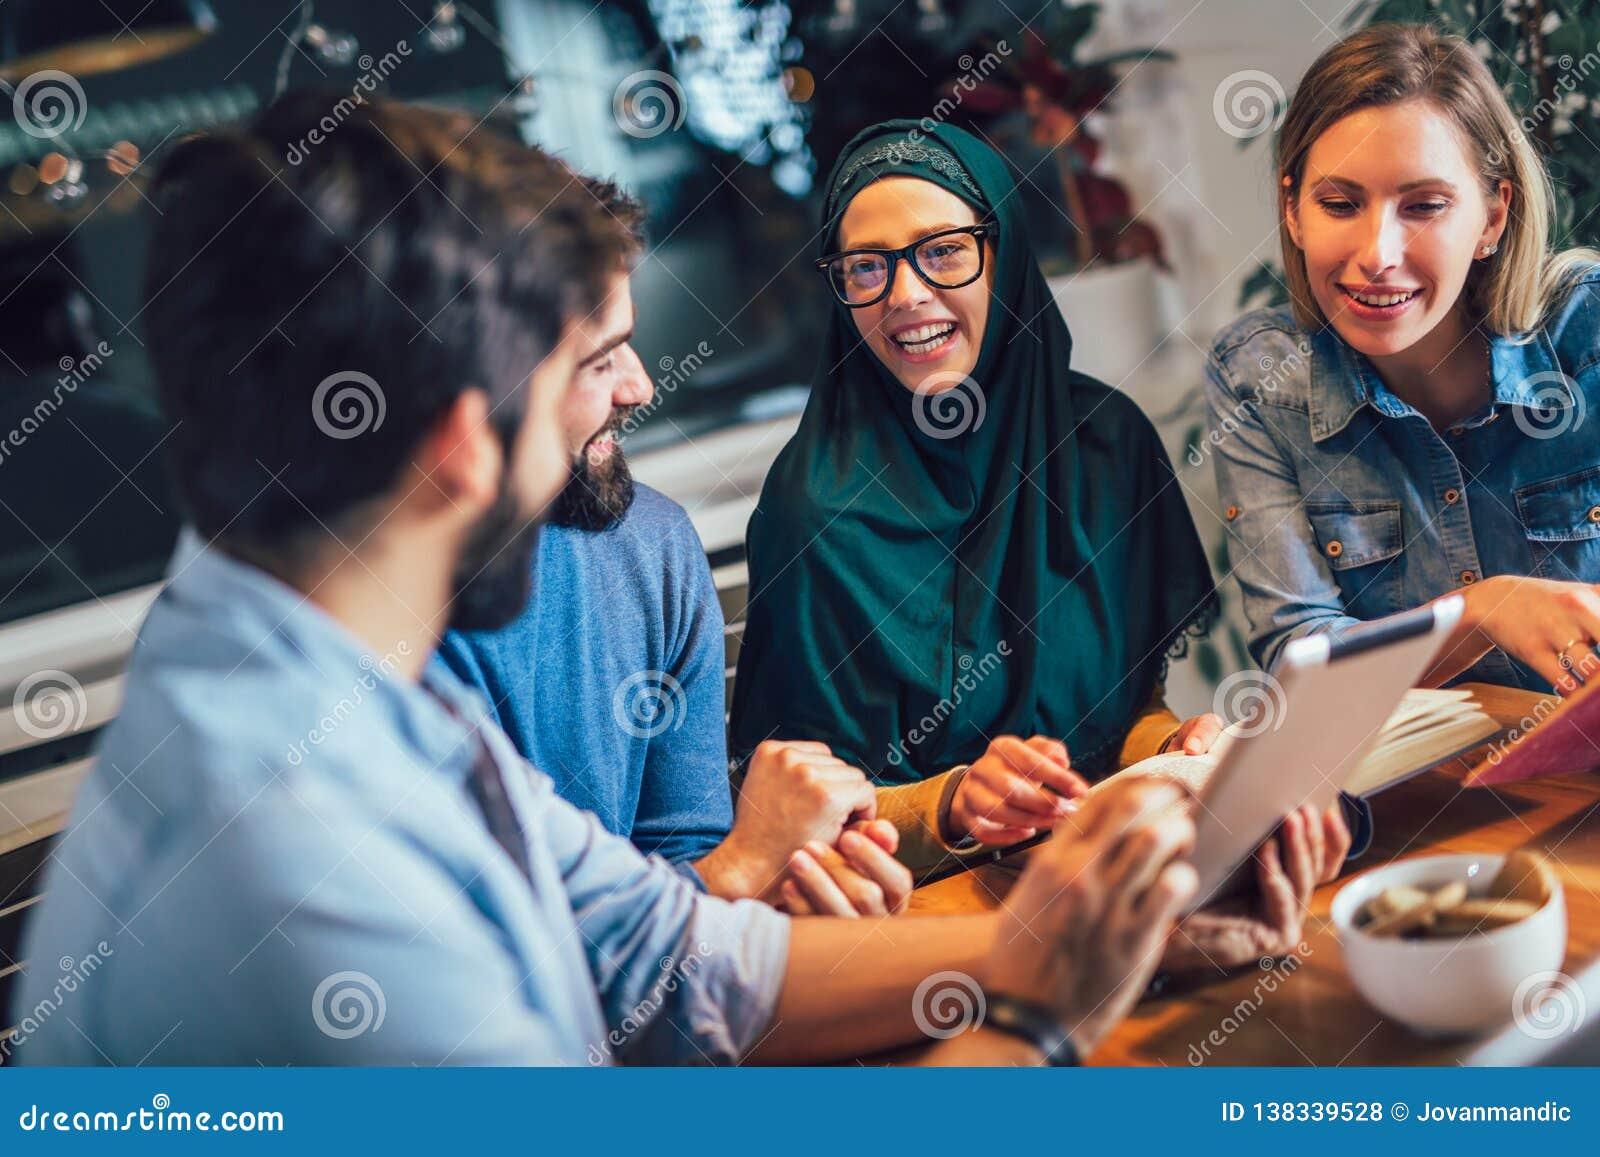 Étudiants de l étude ethnique diverse à la maison Étude et préparation à l examen d université